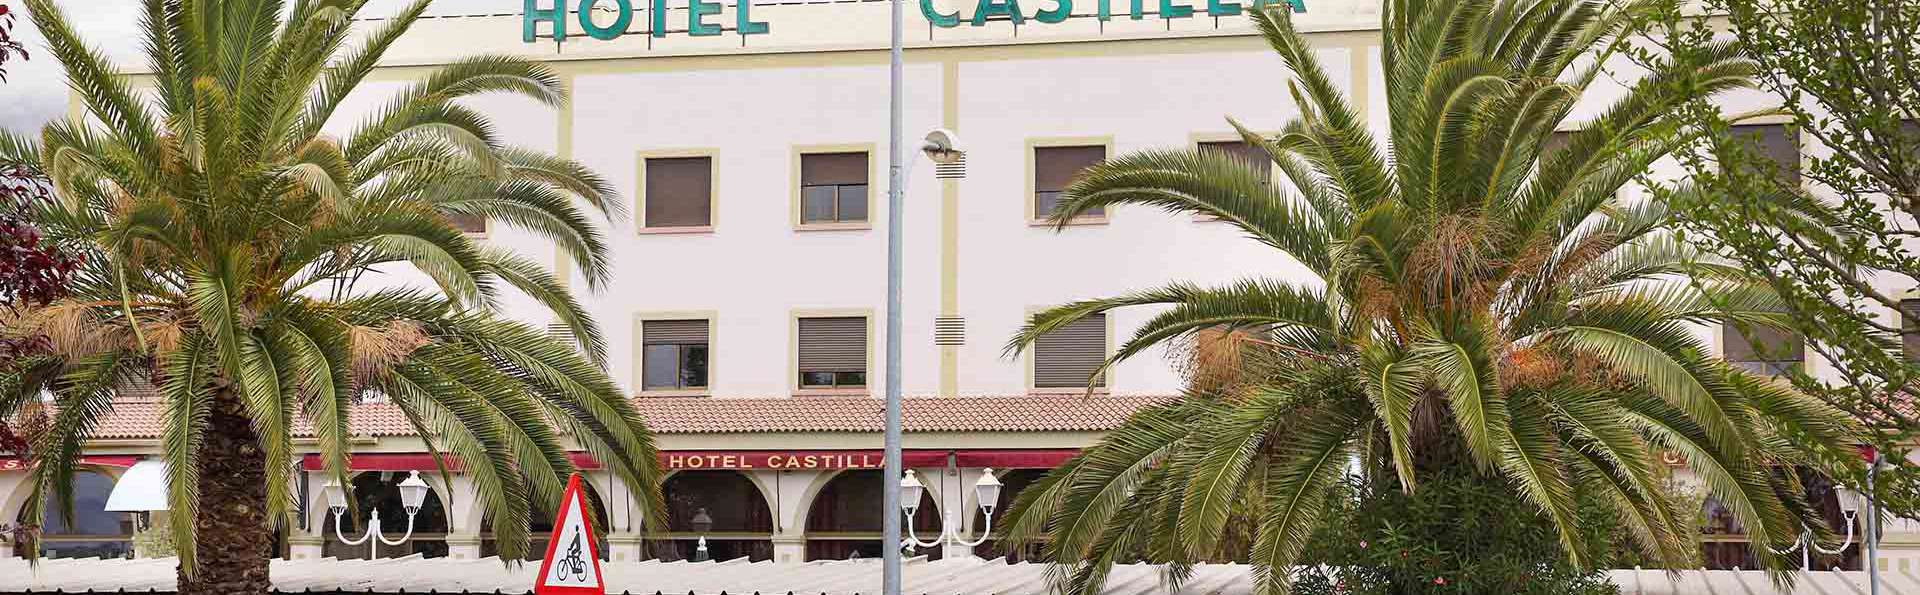 Hotel Castilla Torrijos - EDIT_FACHADA_HOTEL_CASTILLA_01.jpg